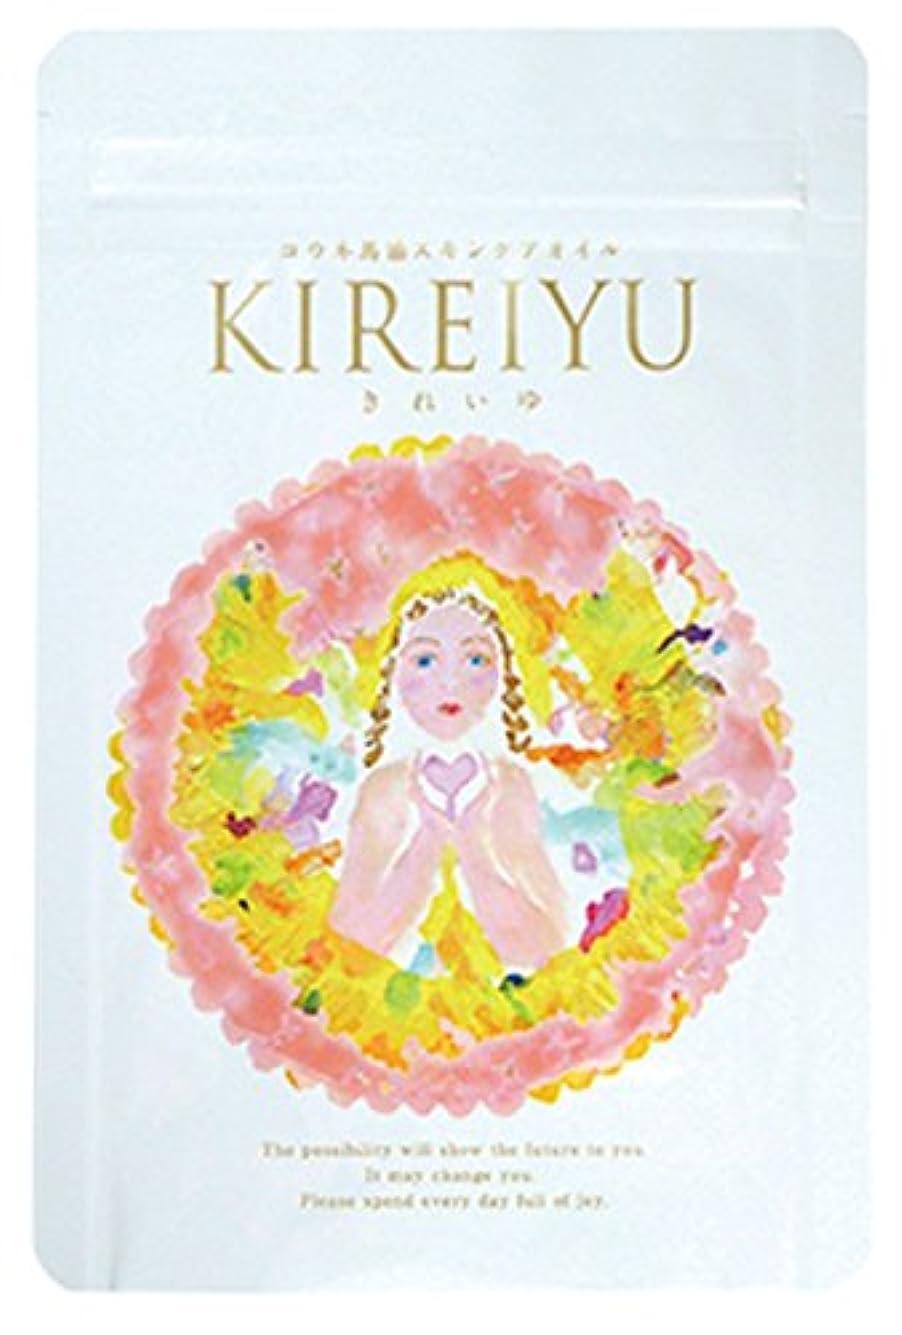 進む自然魅了するきれいゆ Kireiyu